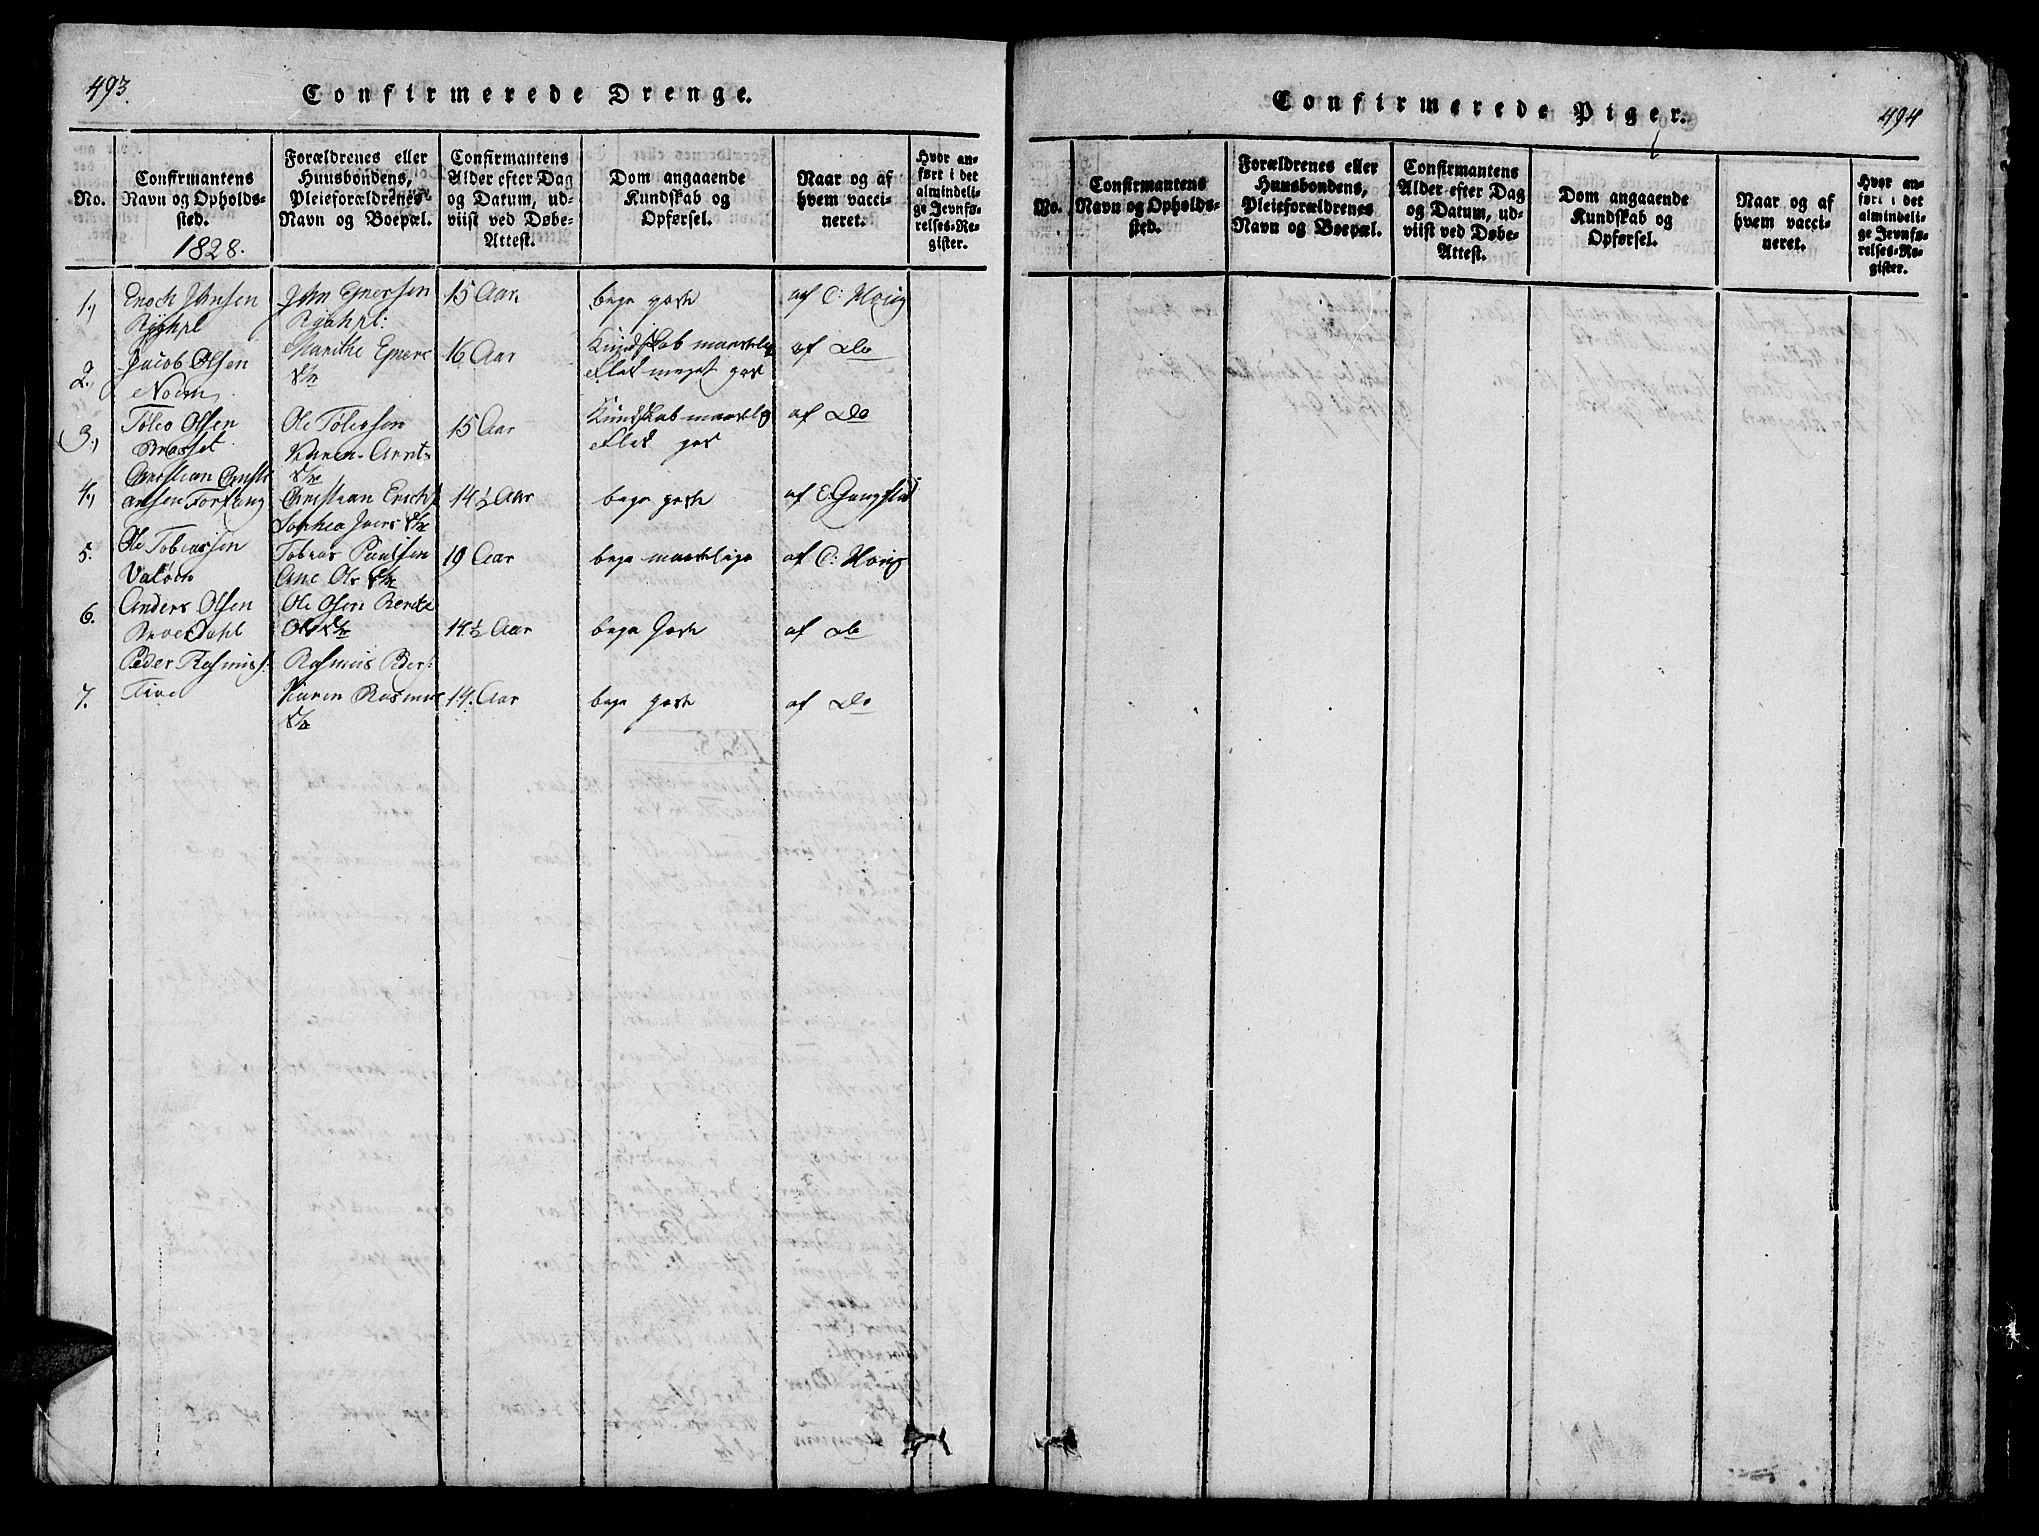 SAT, Ministerialprotokoller, klokkerbøker og fødselsregistre - Nord-Trøndelag, 747/L0459: Klokkerbok nr. 747C01, 1816-1842, s. 493-494